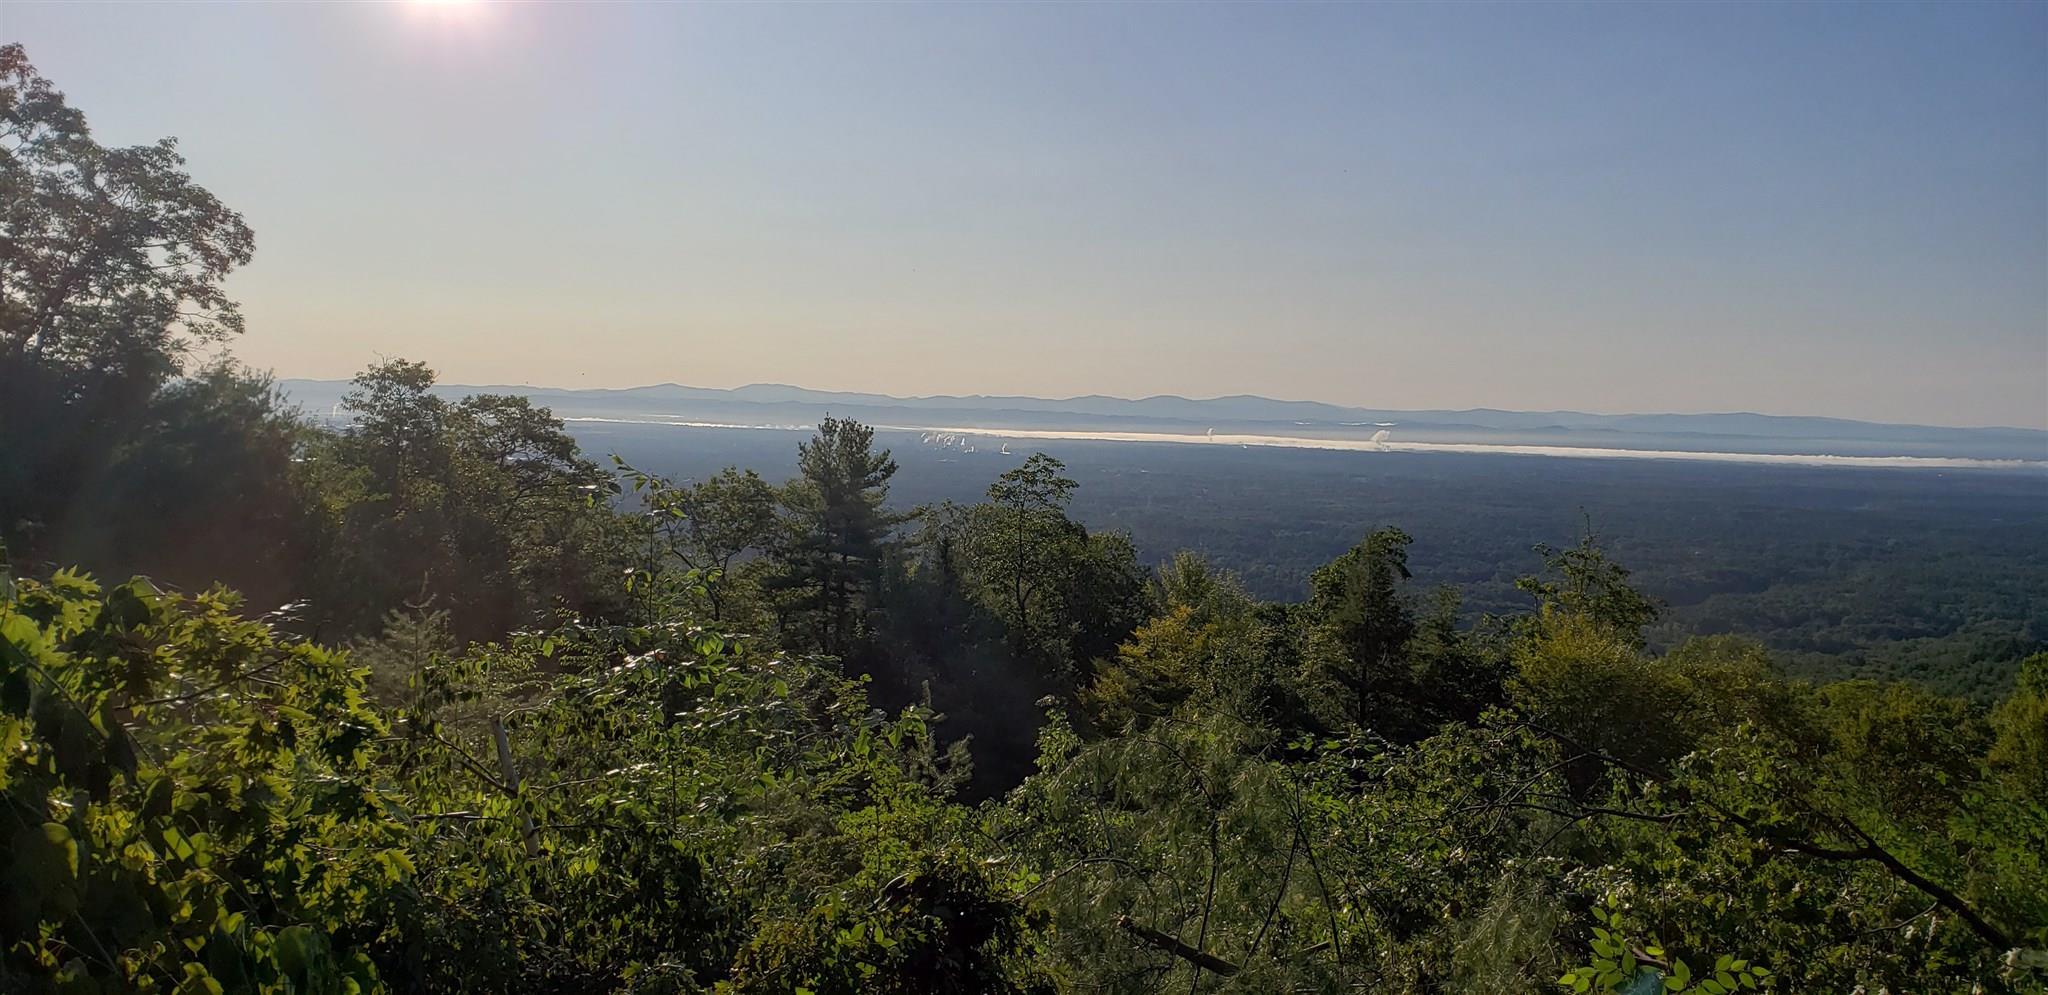 Lake Lazur image 10